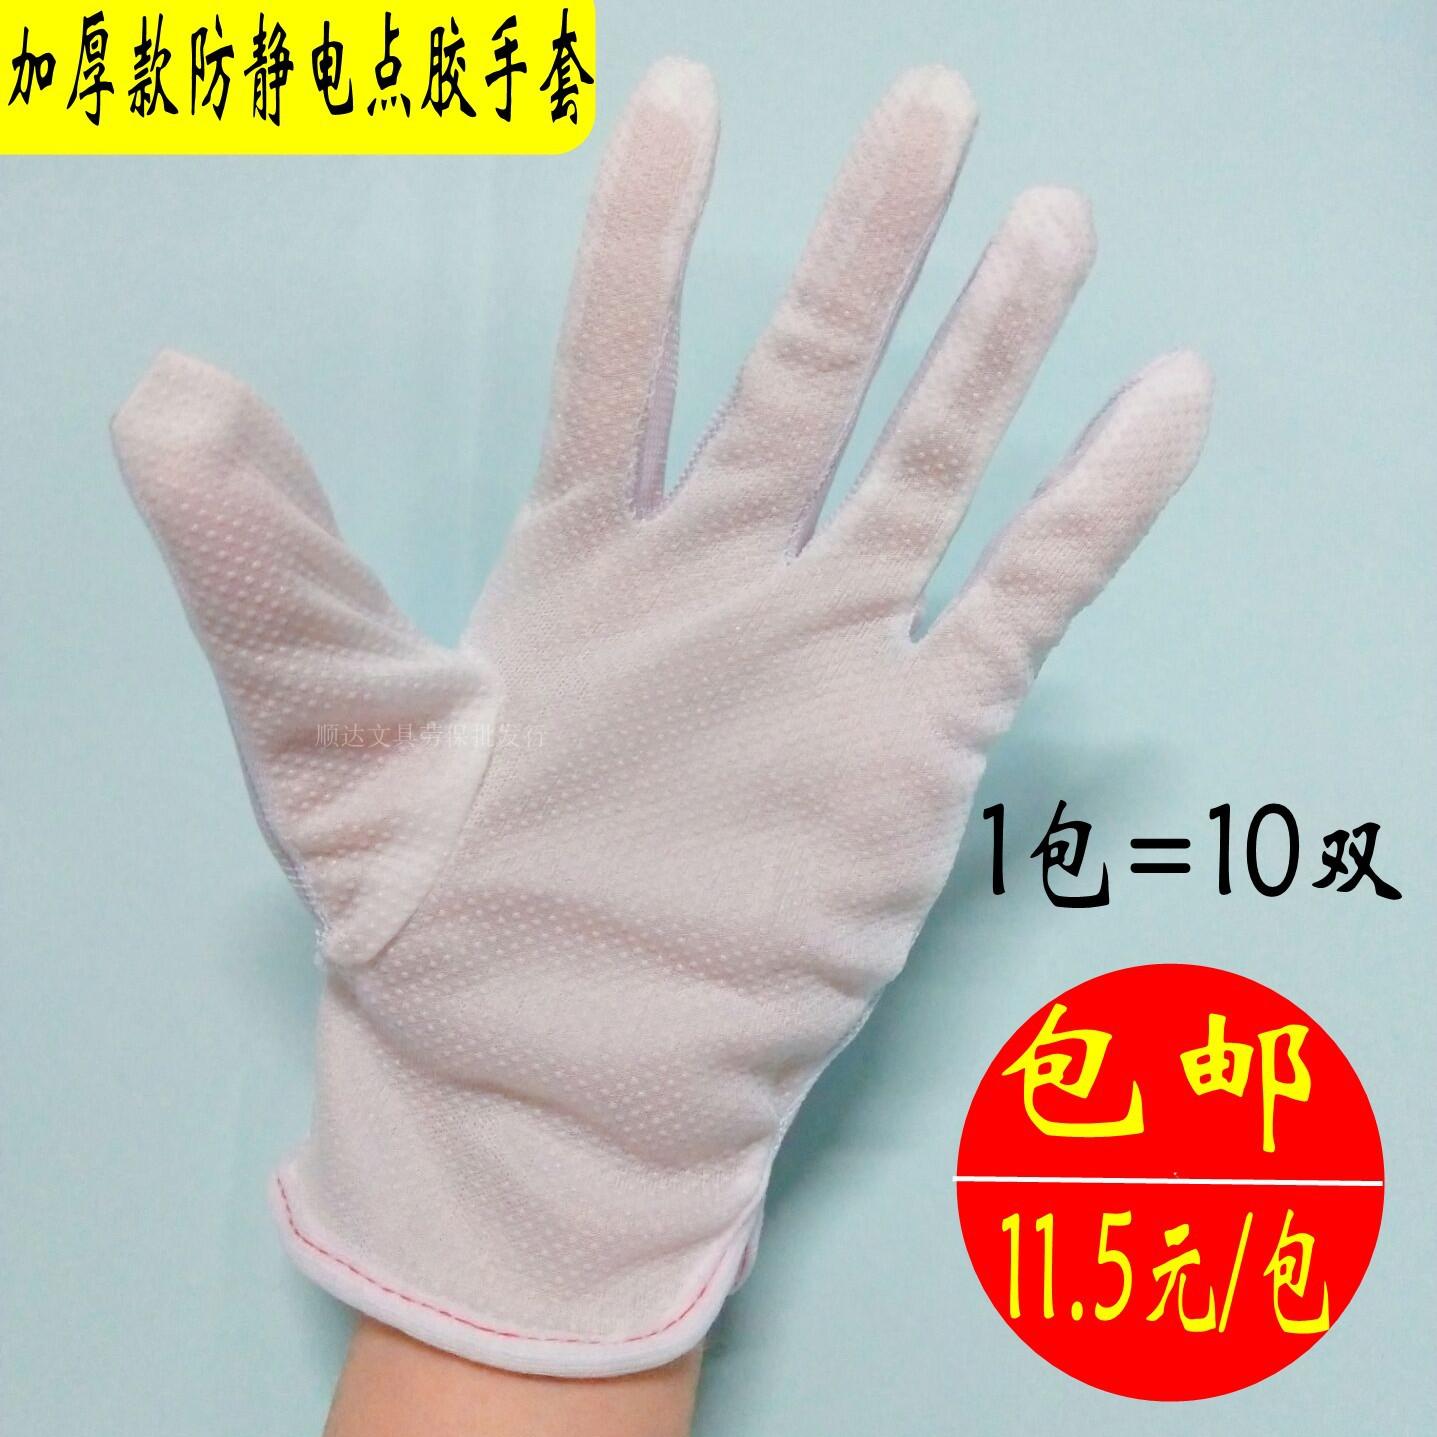 Хозяйственные перчатки / Перчатки с резиновыми точками Артикул 567710291950